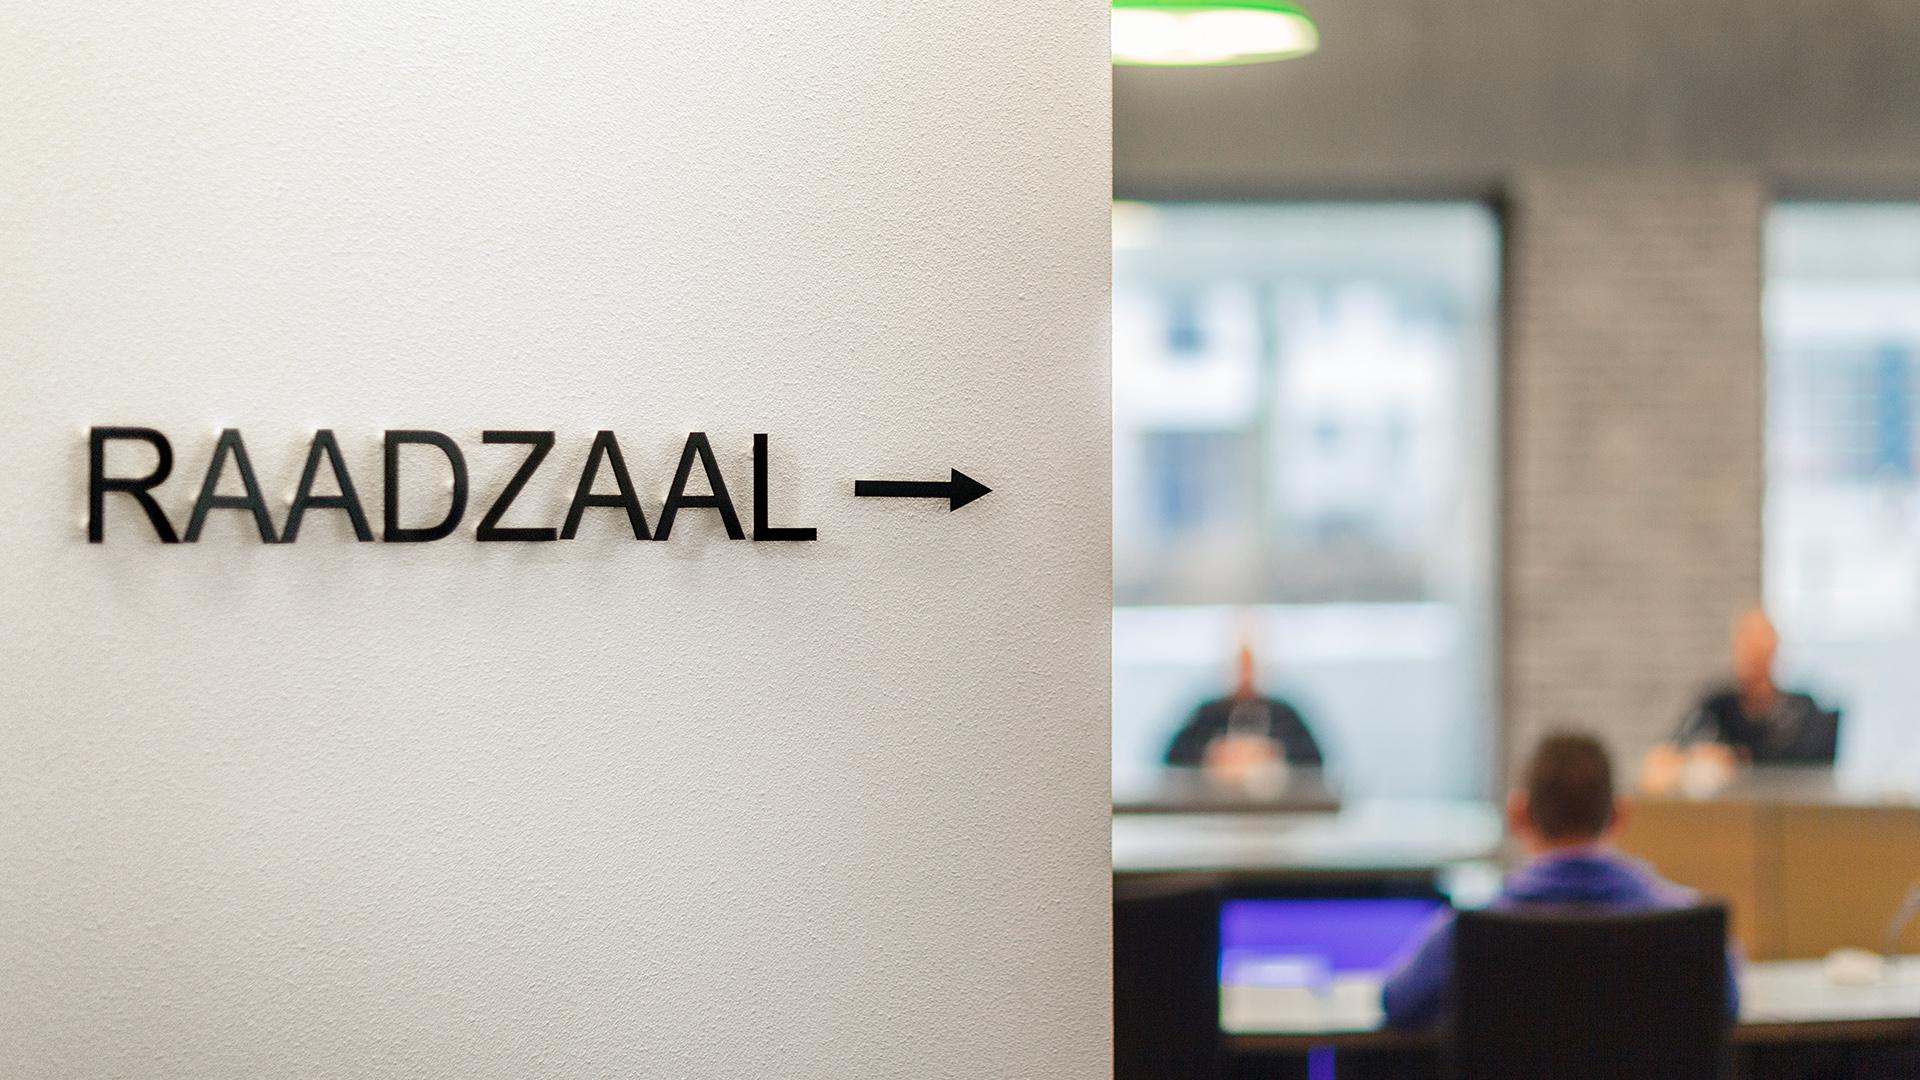 raadzaal-blog-bct